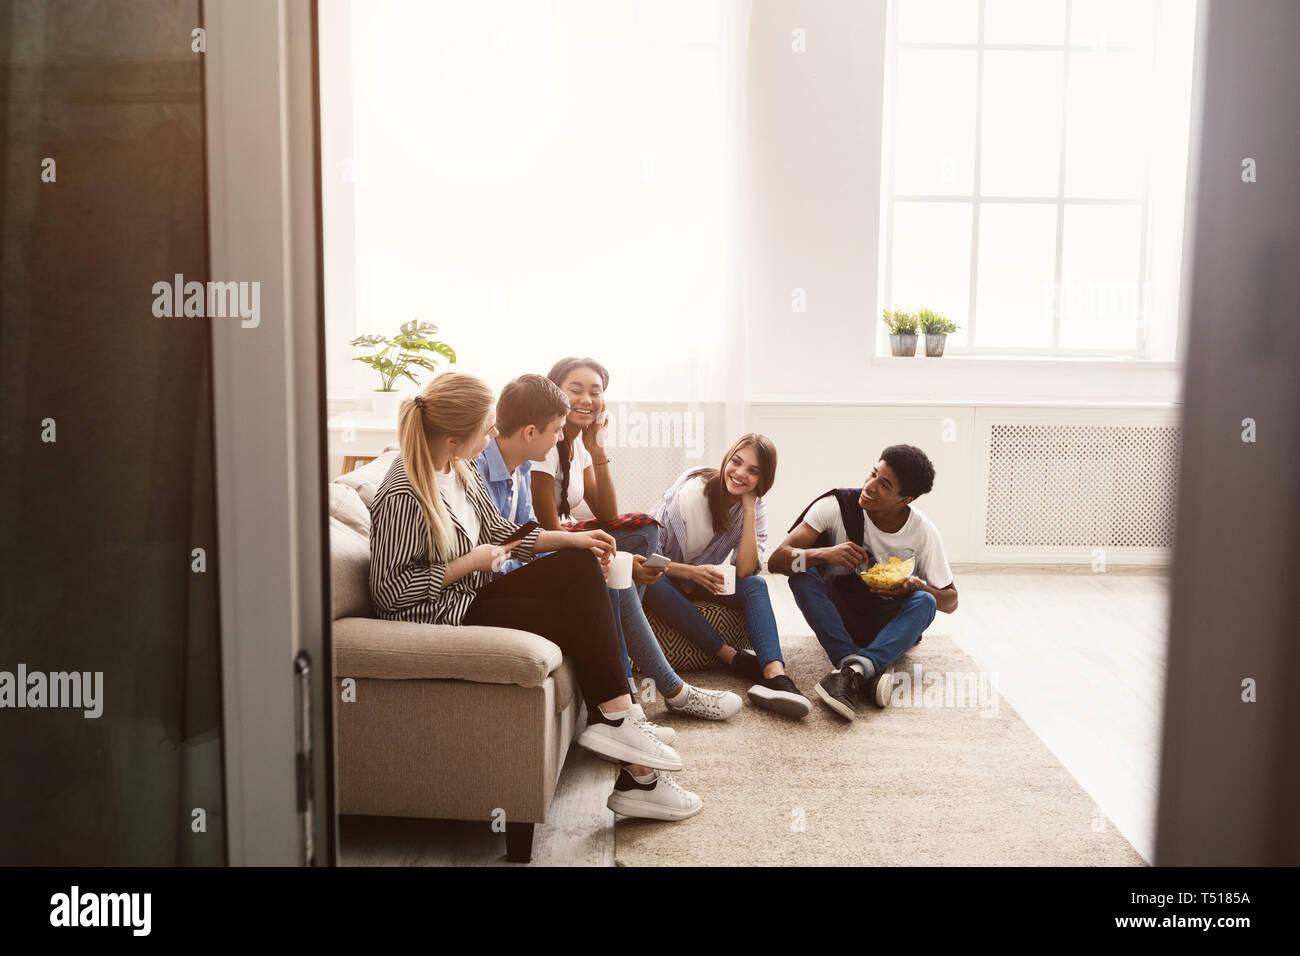 Gerne Studenten Ausgabe Zeit zusammen und Reden Stockfoto